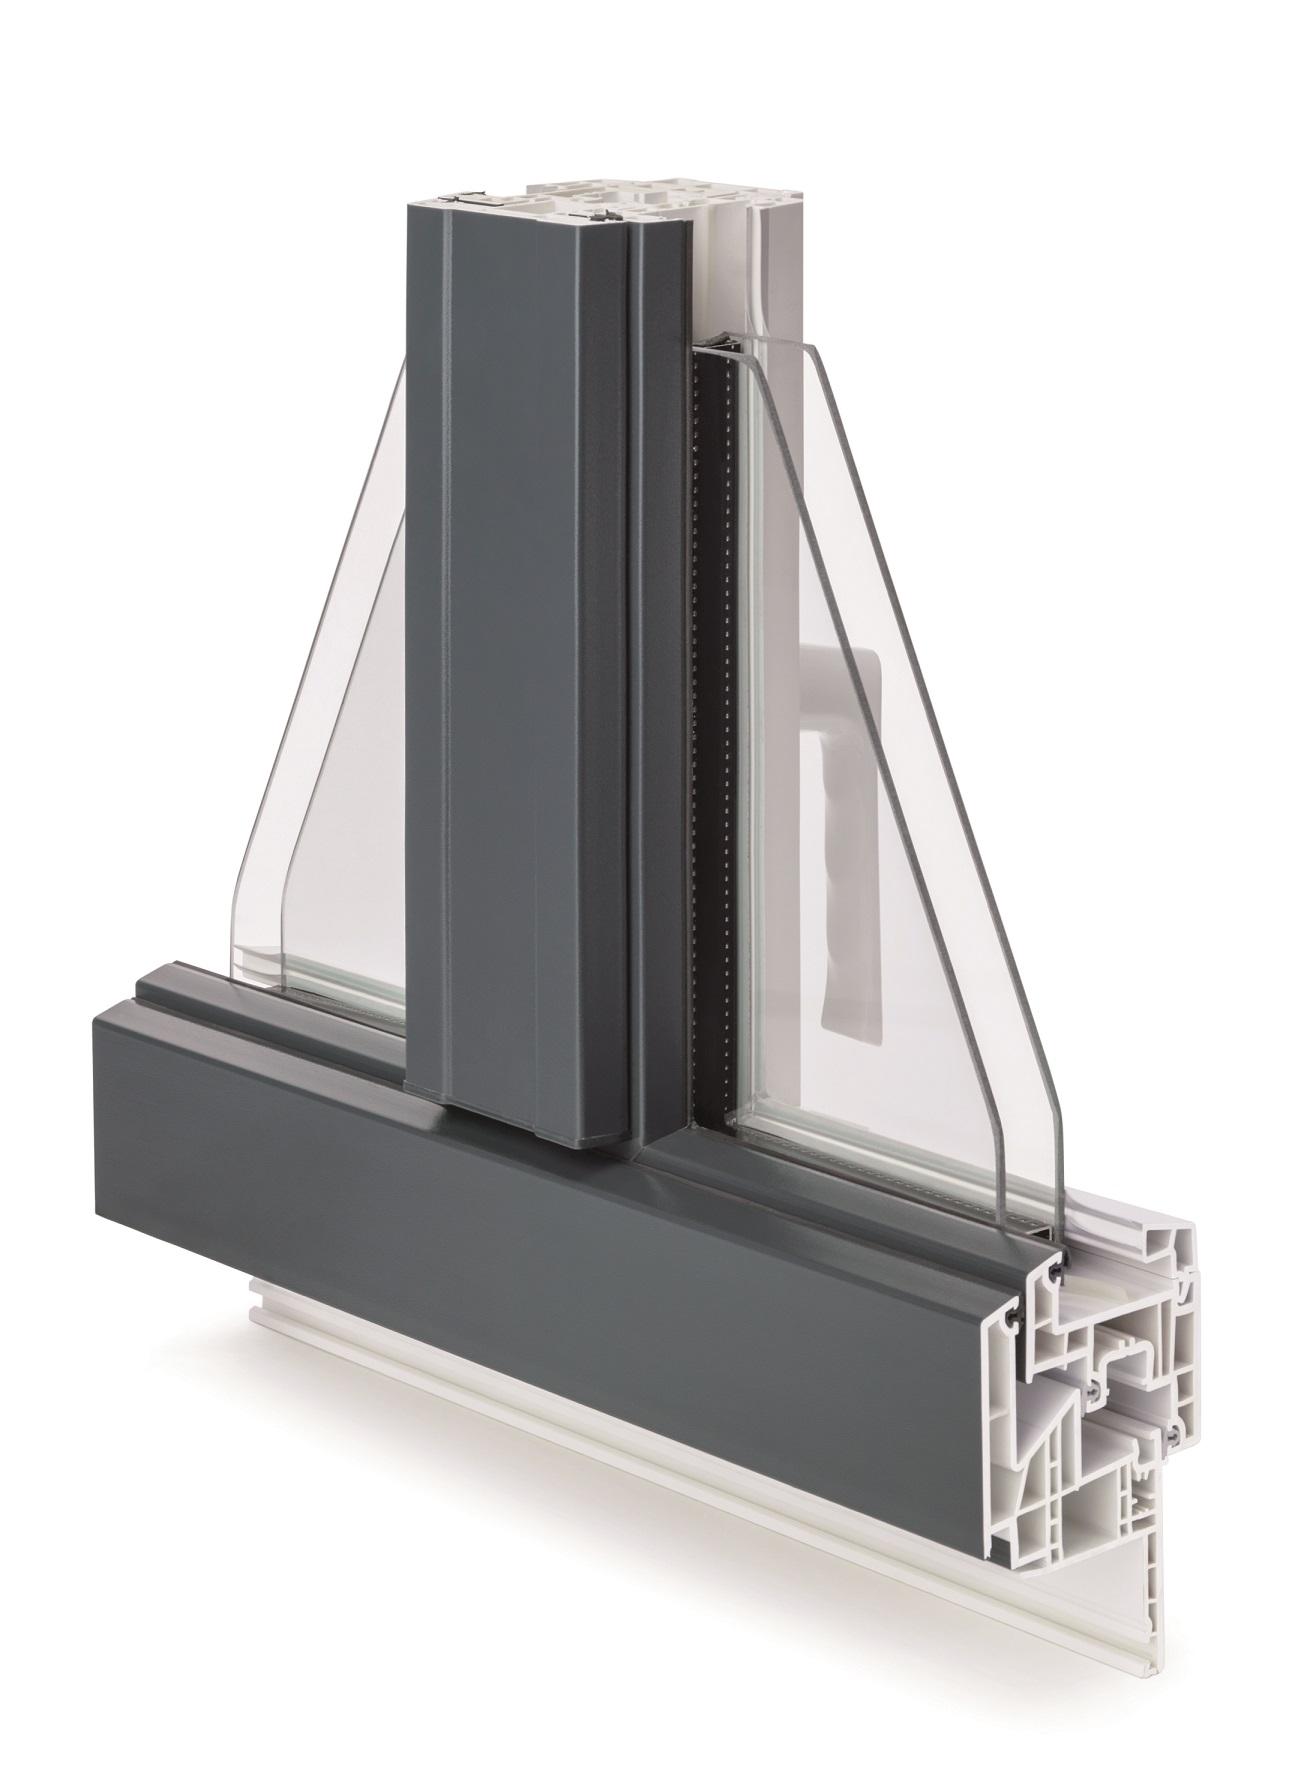 LOMNIA offre de grandes qualités d'isolation acoustique, ainsi qu'à l'air, à l'eau, et au vent, grâce à ses trois joints d'étanchéité, protégeant ainsi les habitants des nuisances extérieures. Ce nouveau concept d'étanchéité apporte également une pression de fermeture optimale.